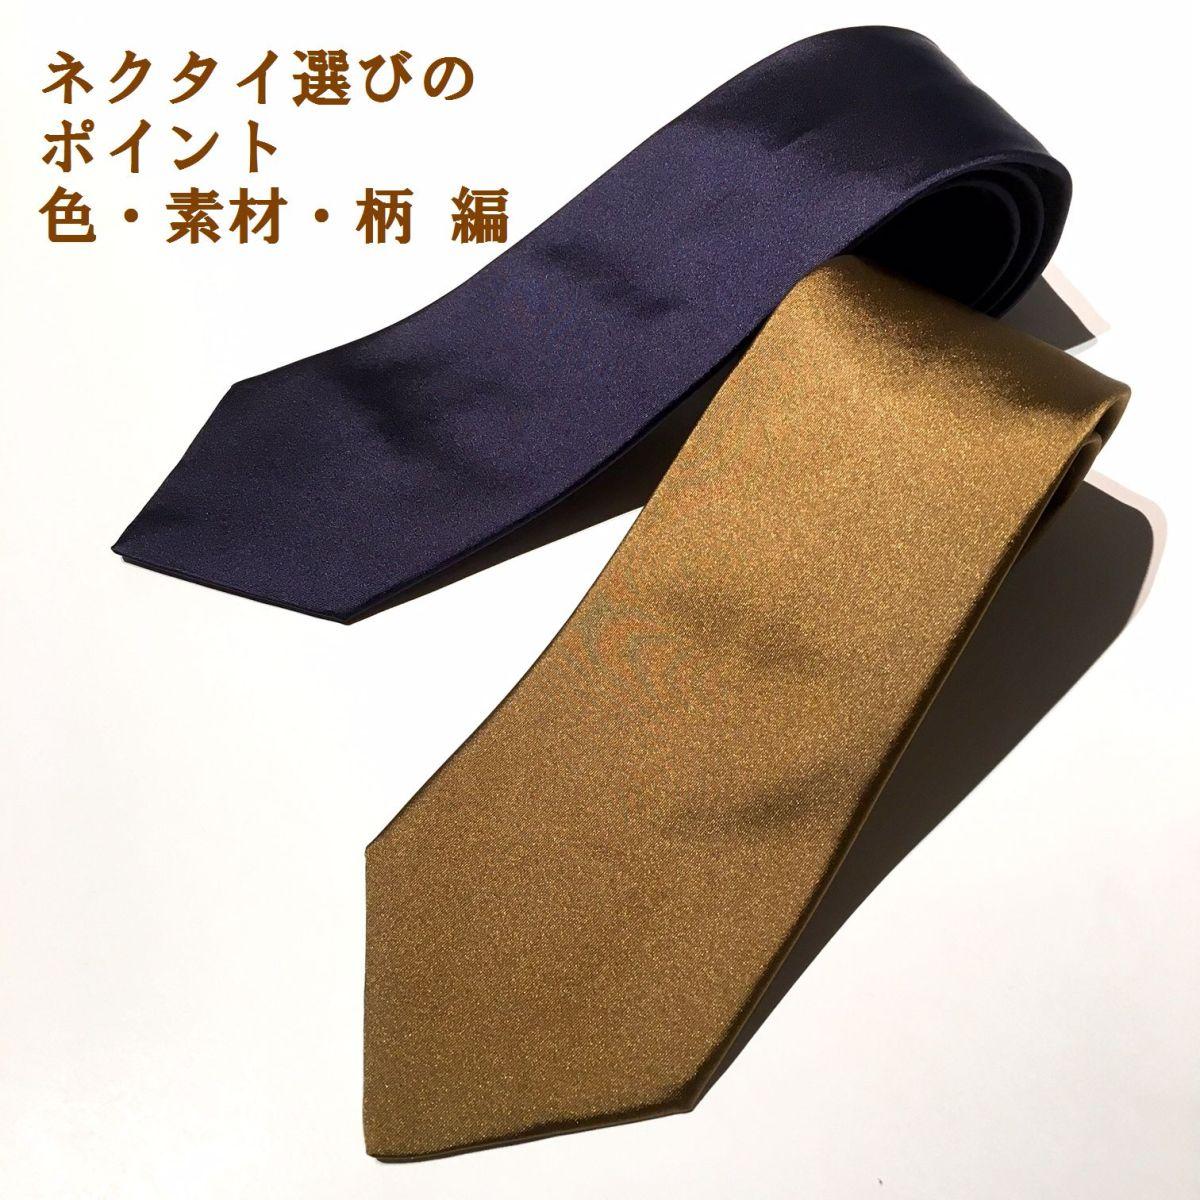 ネクタイ選びのポイント【色・柄・素材編】